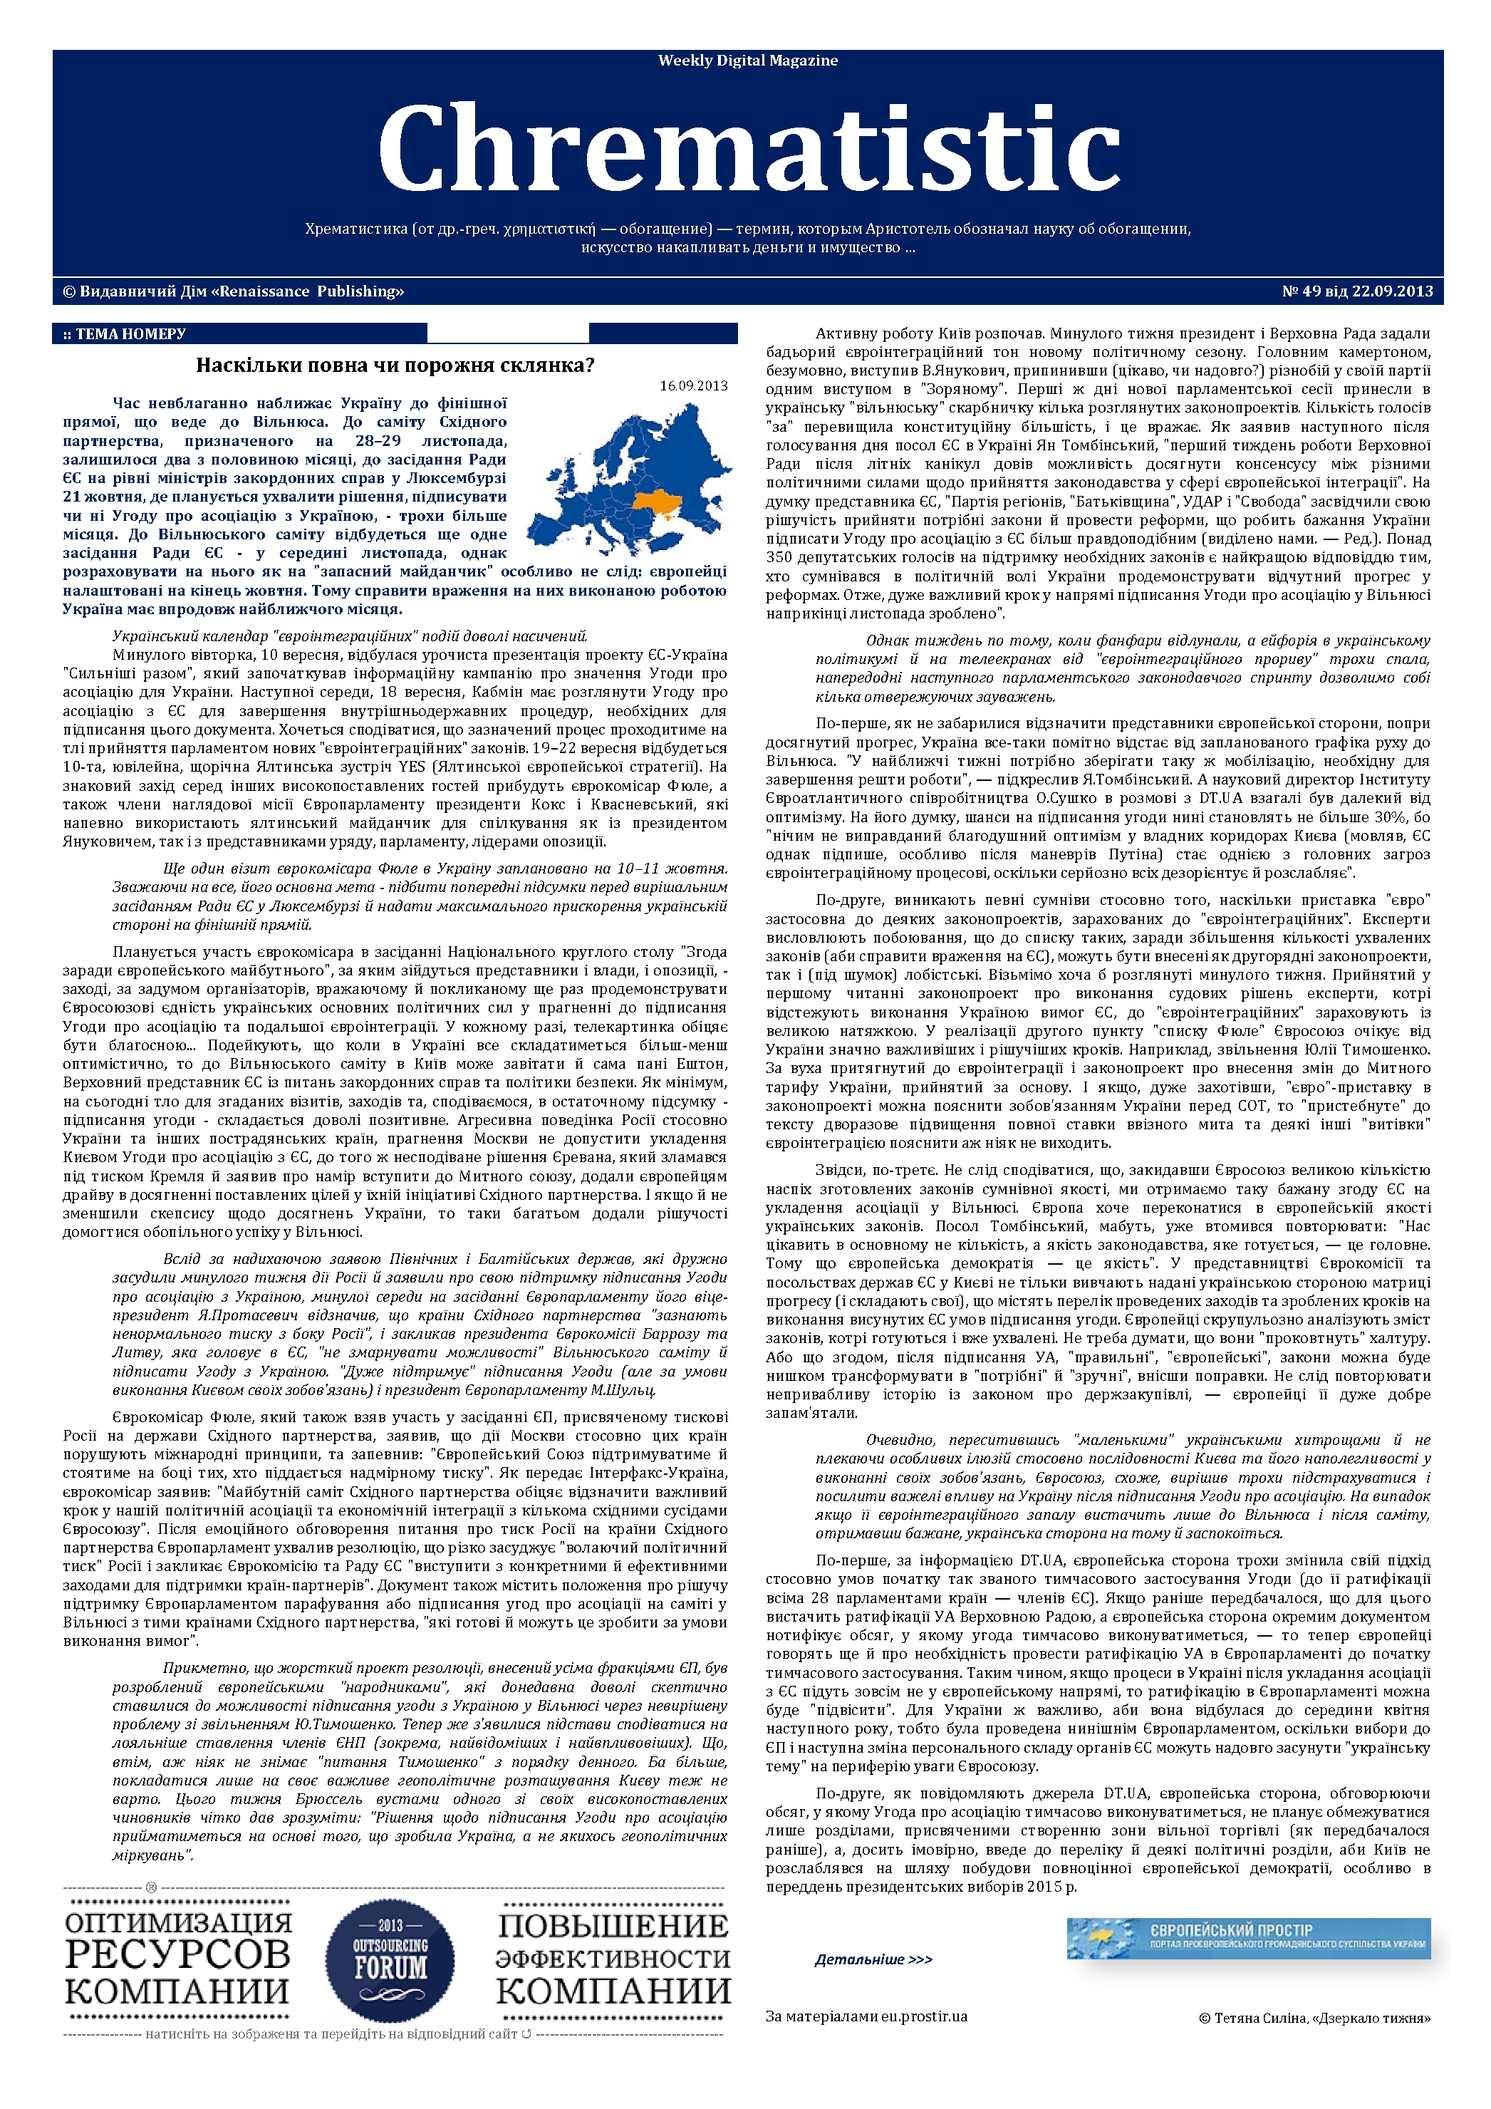 Calaméo - №49 WDM «Chrematistic» от 22.09.2013 b64ee92f3de9d